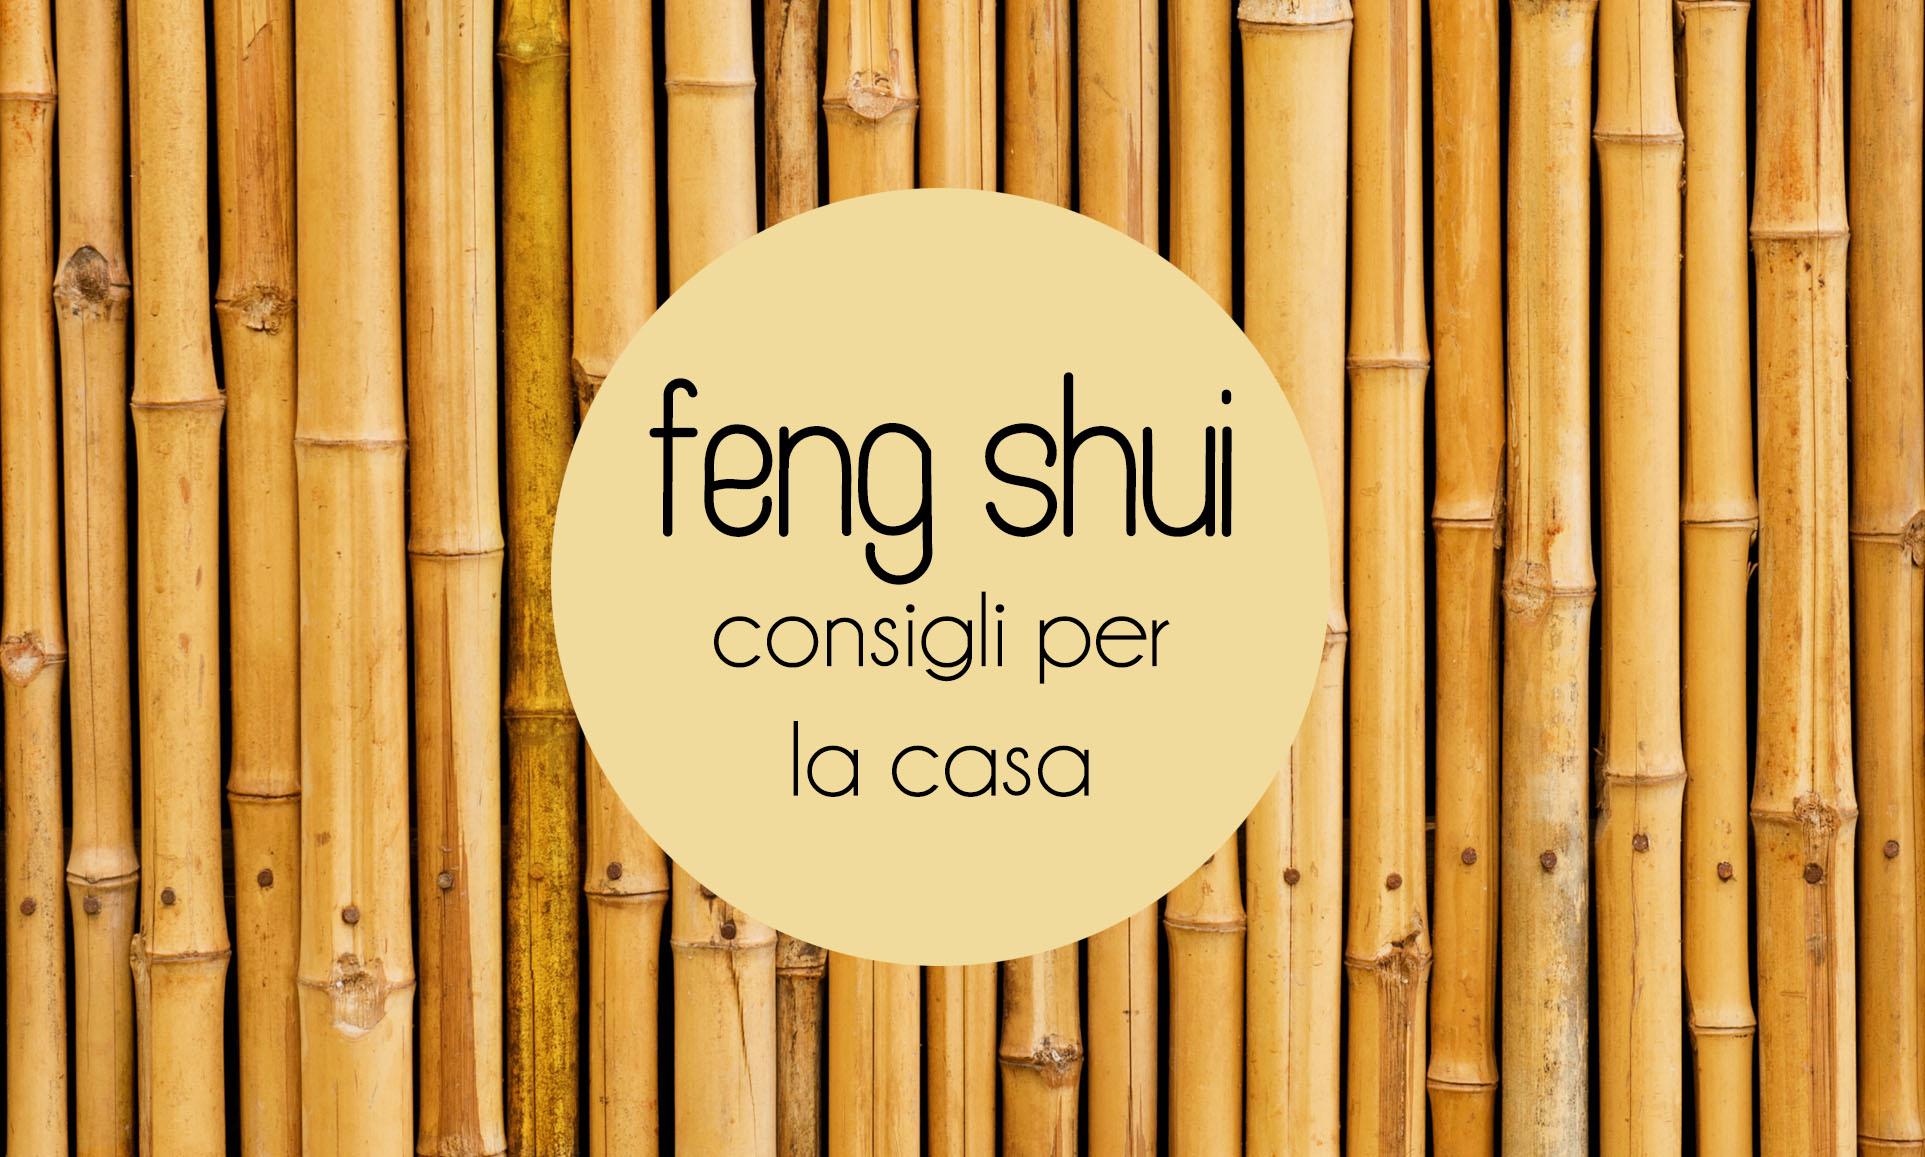 Feng shui consigli per arredare casa - Consigli per ristrutturare casa ...